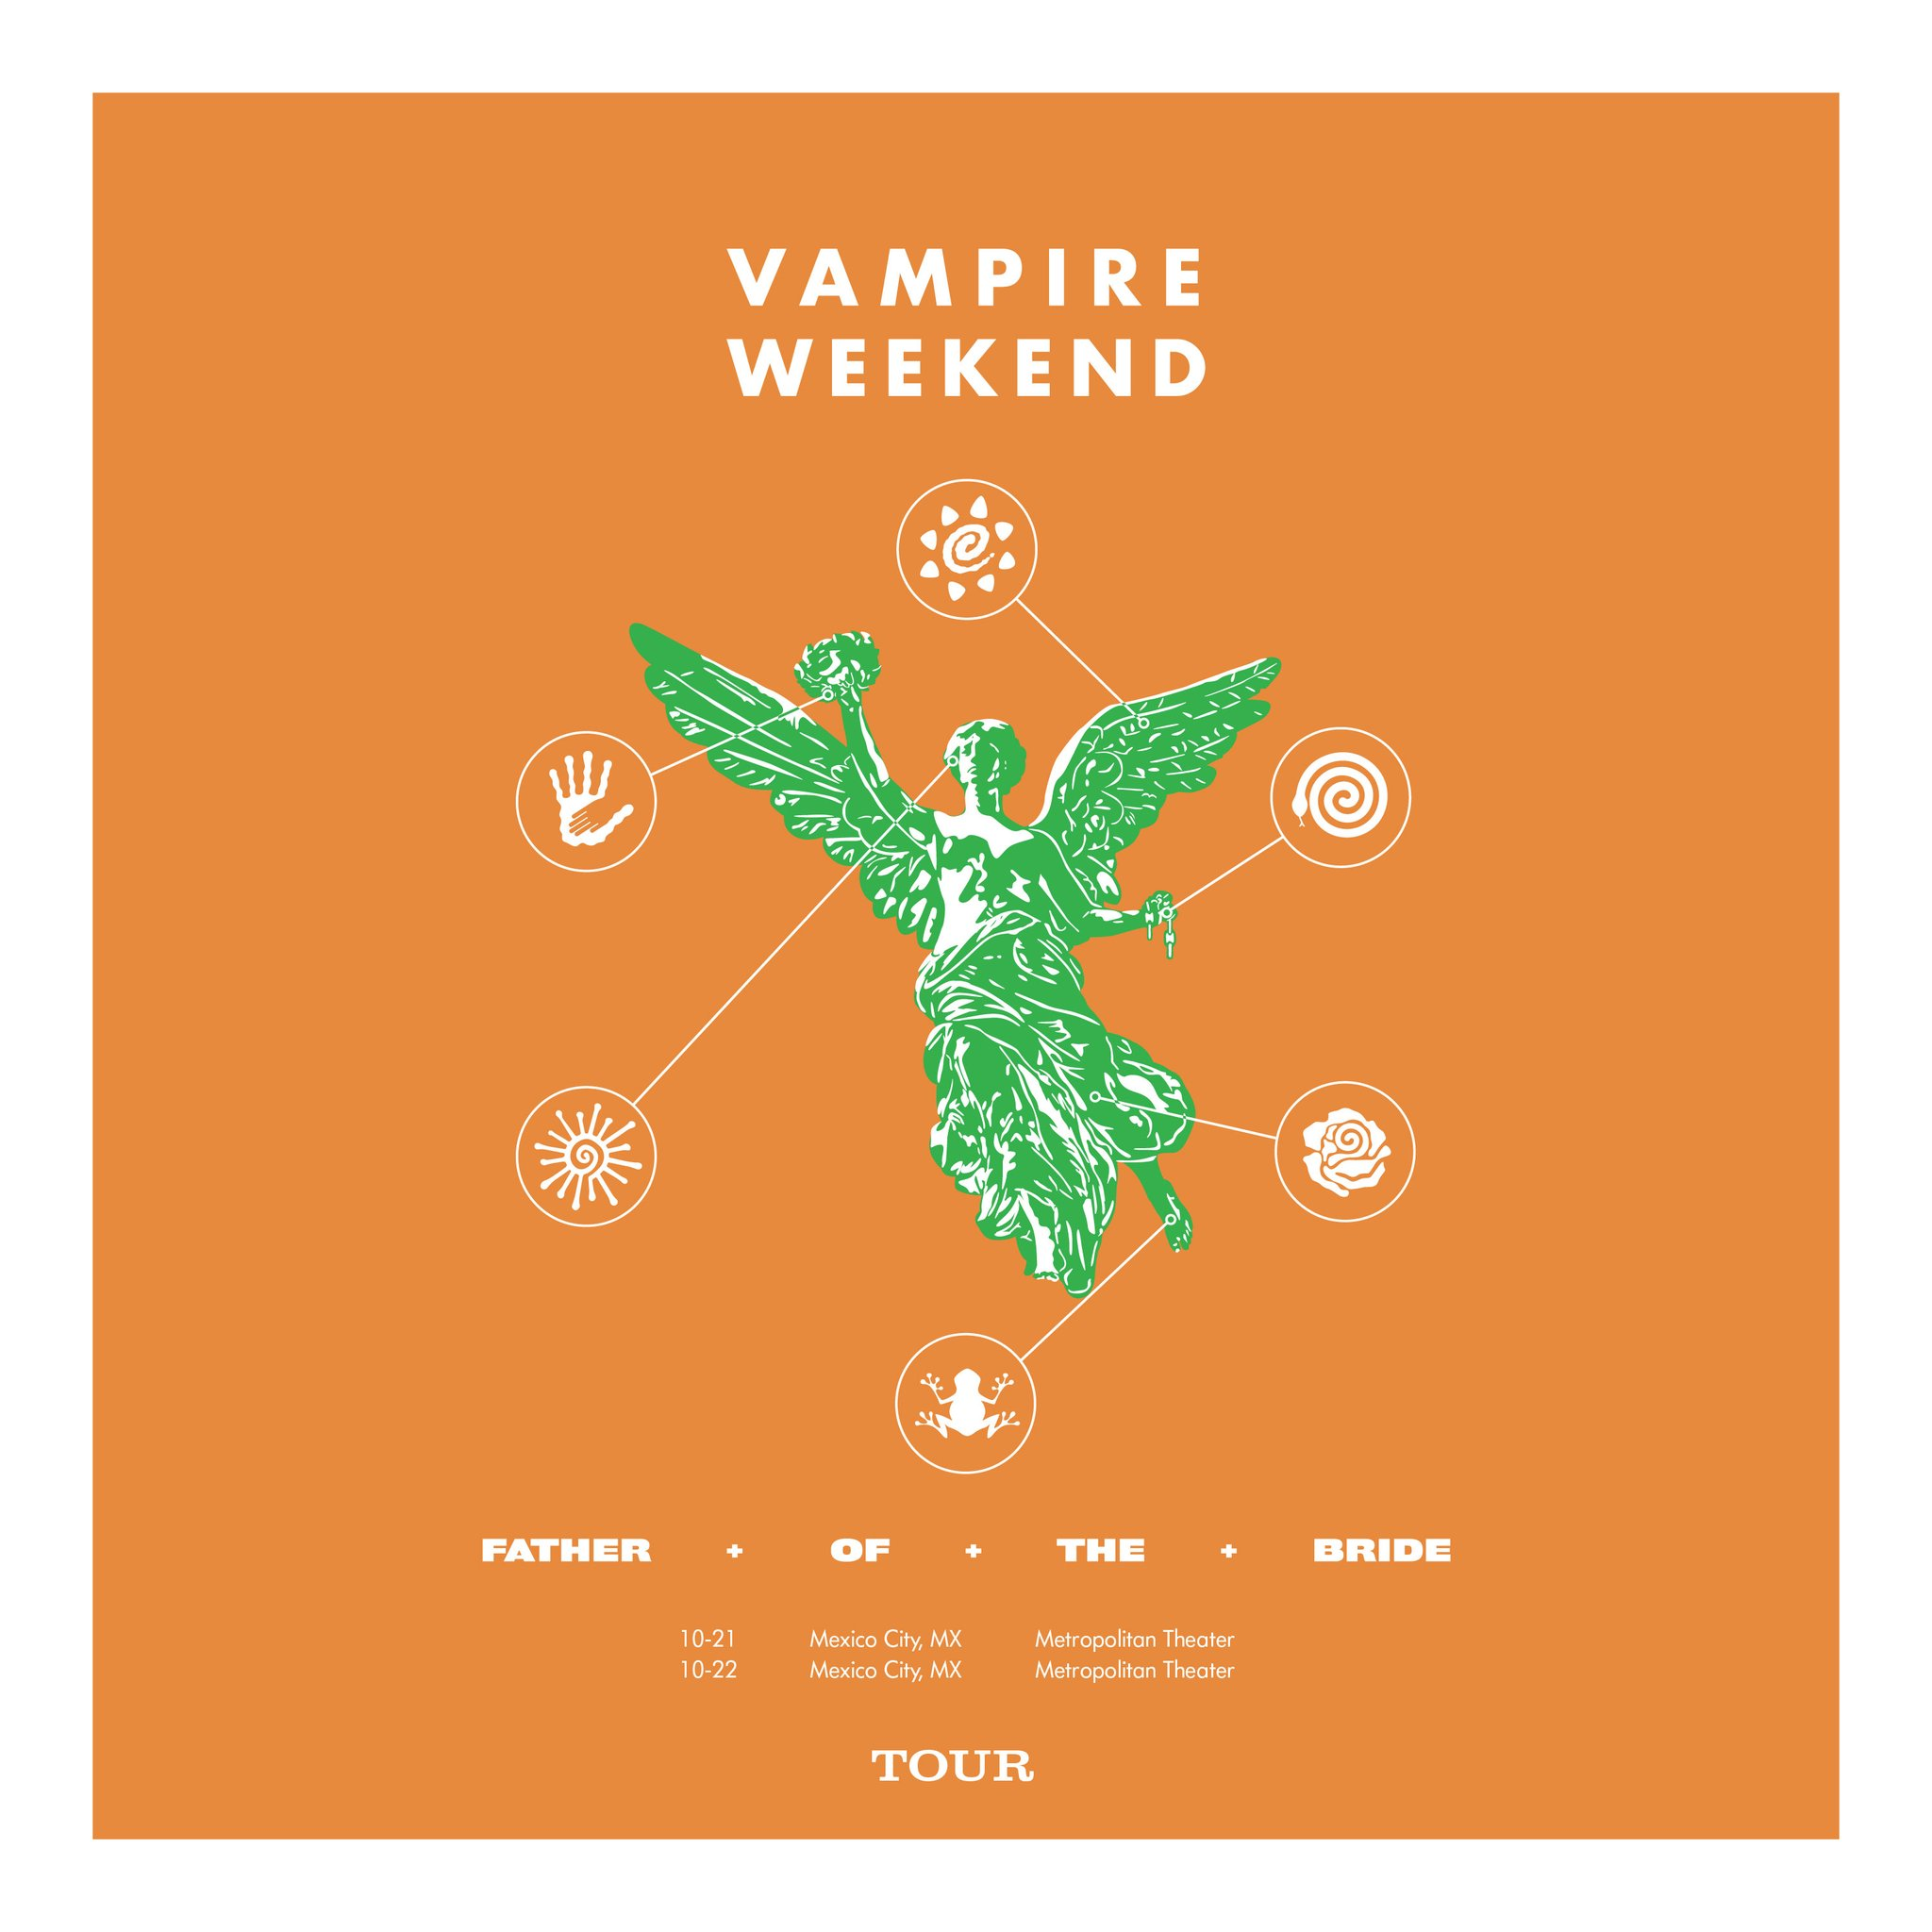 ¡Vampire Weekend regresará a México luego de 6 años!